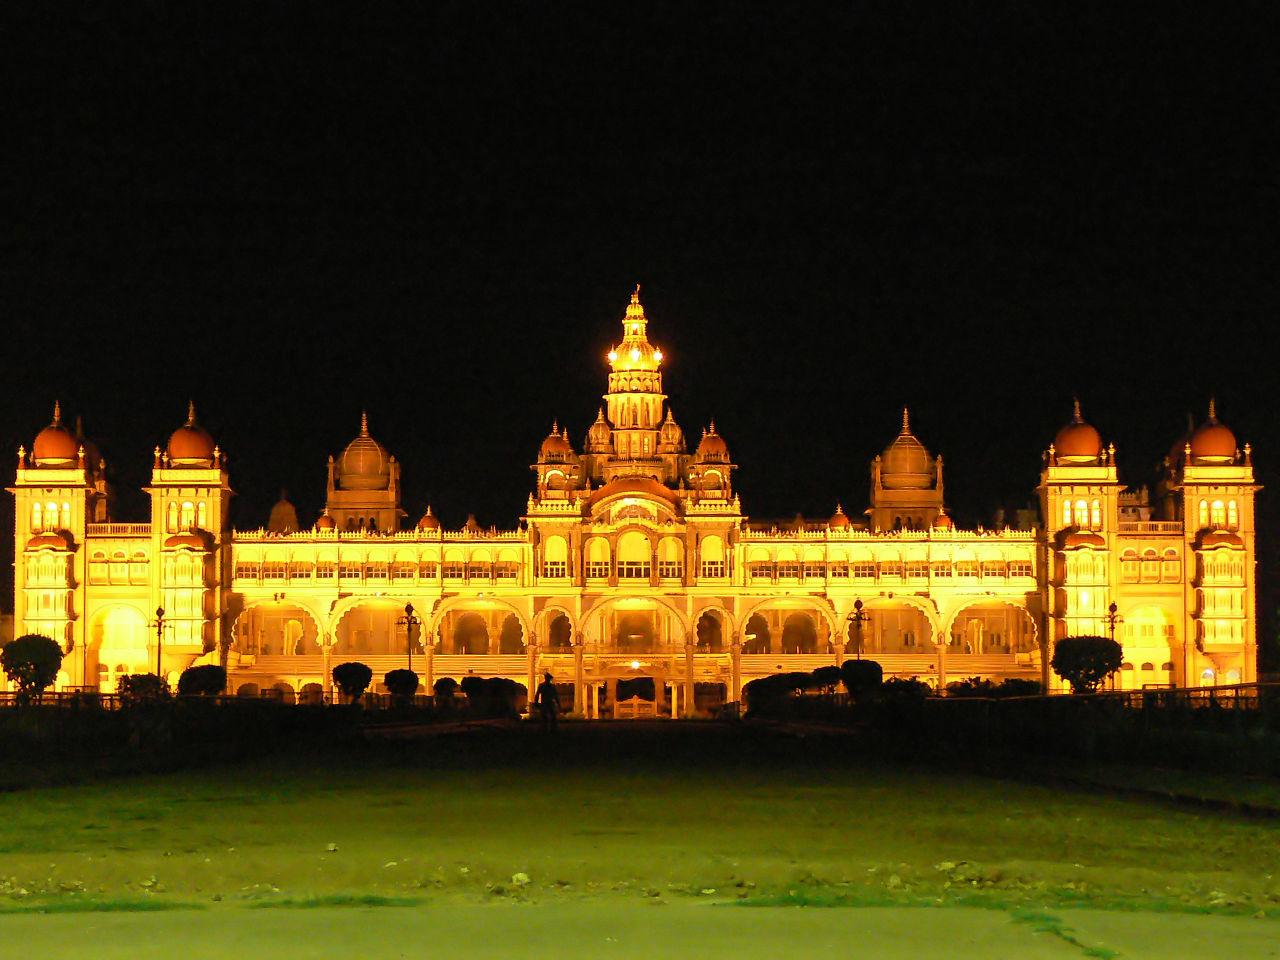 Palatul din Mysore noaptea